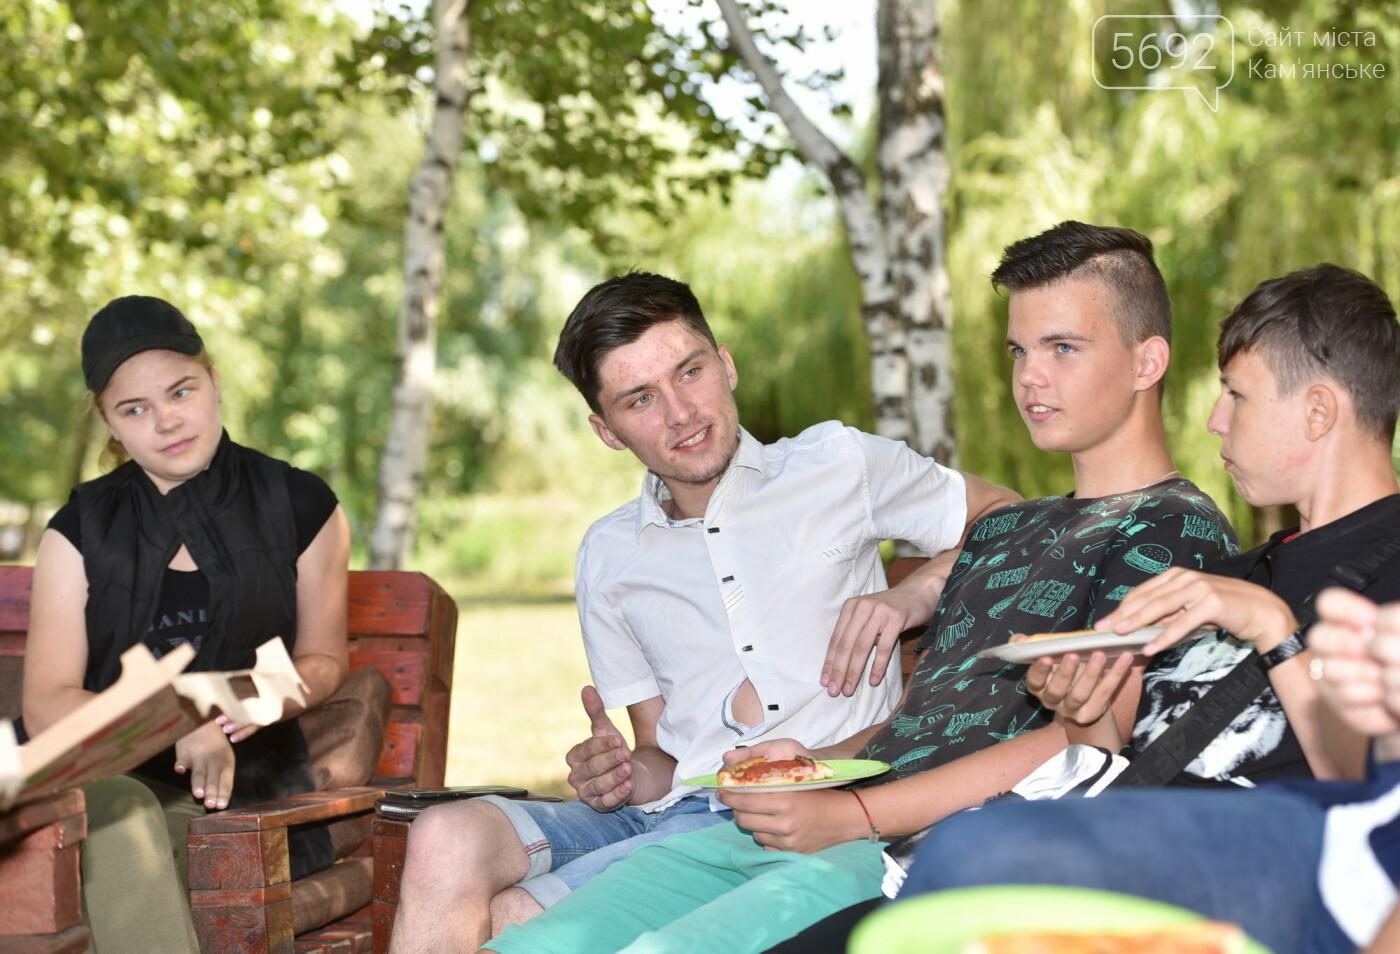 Анна Личман: Молодежь Каменского готова вести дискуссию по важным темам на высоком уровне, фото-3